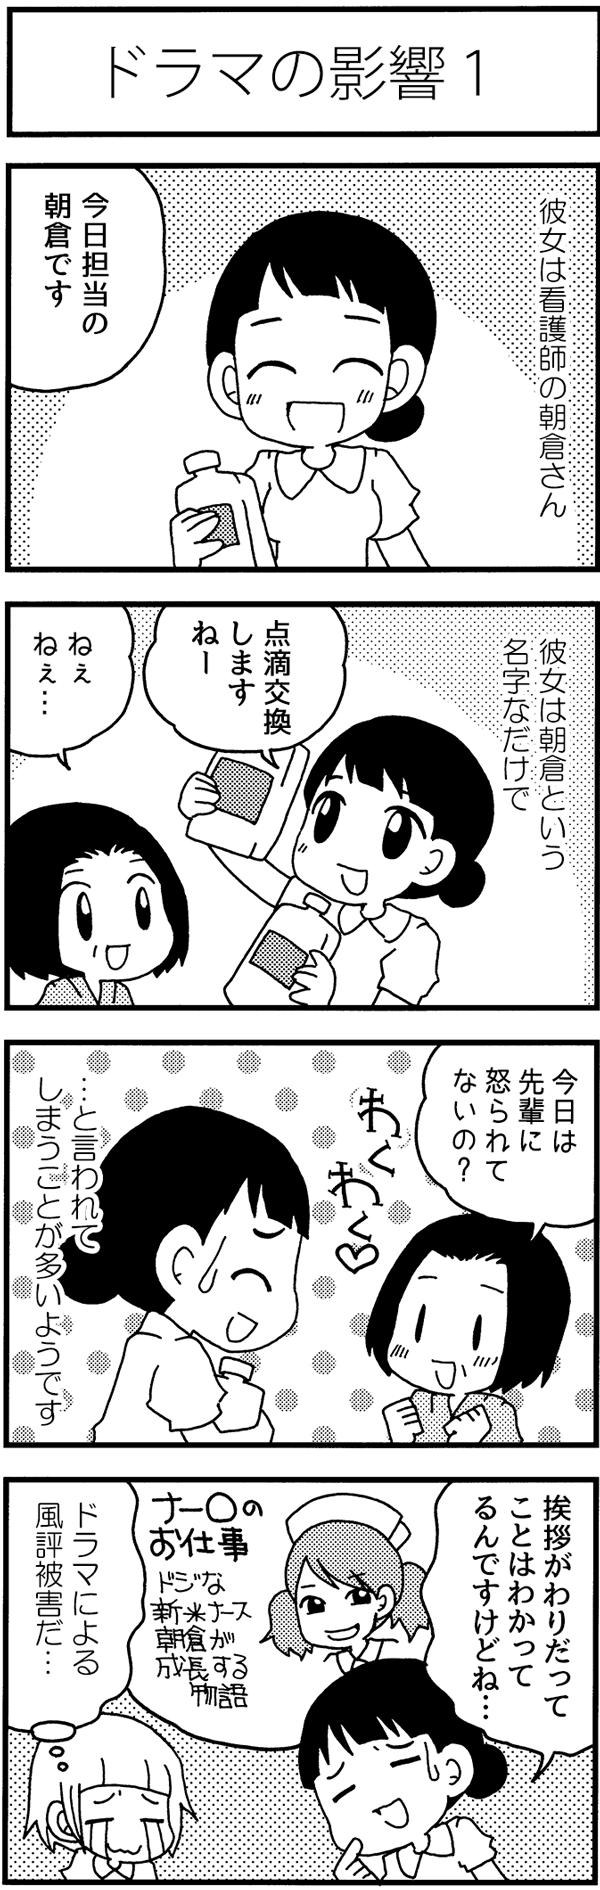 彼女は看護師の朝倉さん。彼女は朝倉という名字なだけで、患者さんに「ねぇ、今日は先輩に怒られてないの?」と言われてしまうことが多いようです。挨拶がわりだってことはわかっているが、ドラマによる風評被害を感じるみちよなのでした。